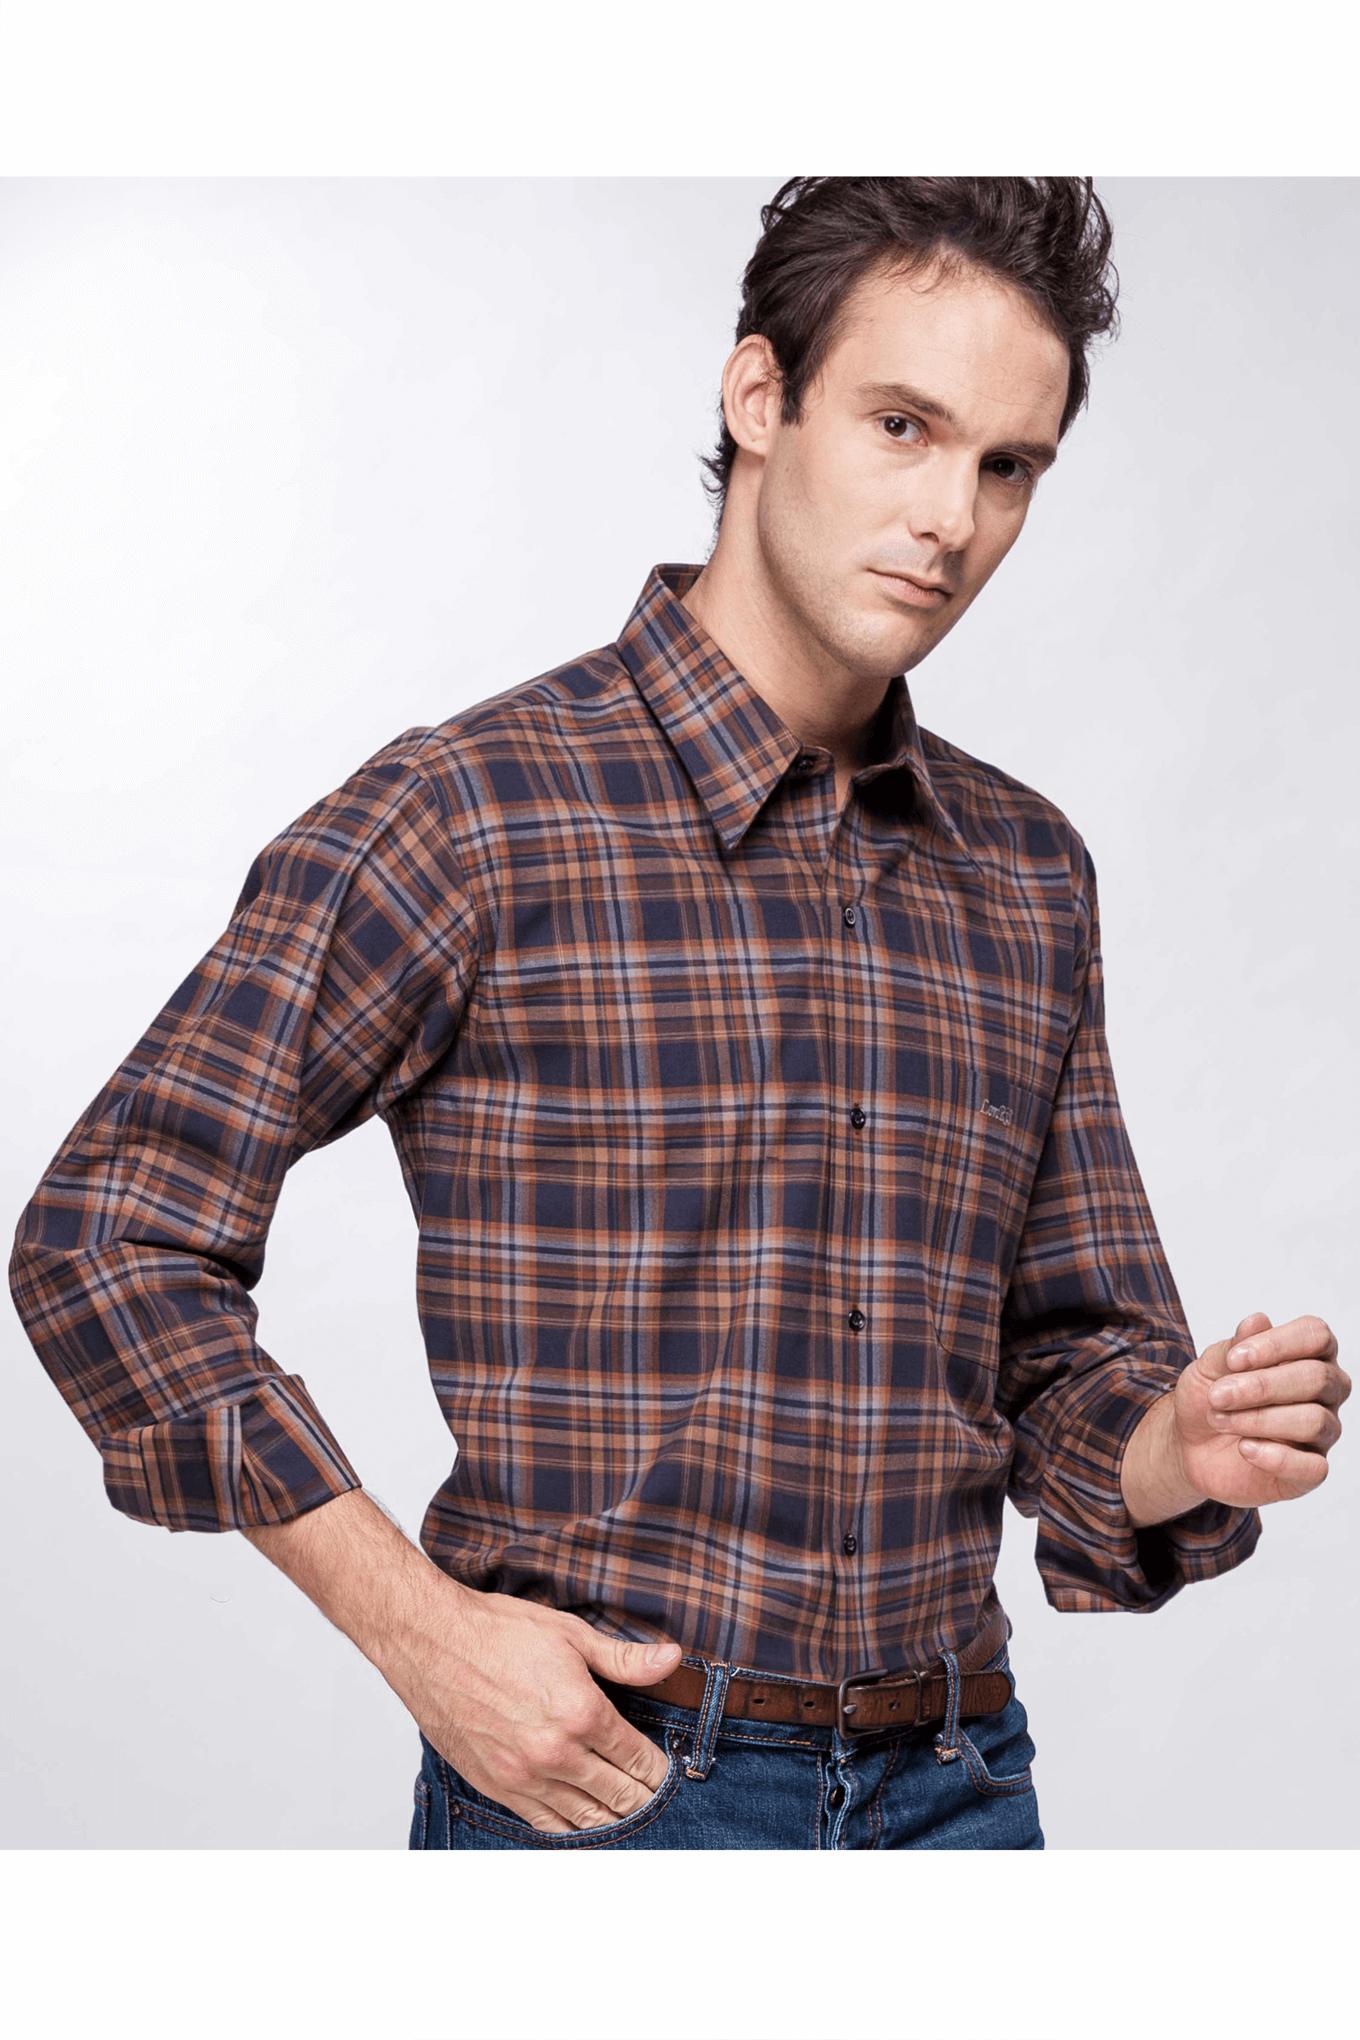 雙色格紋純棉磨毛長袖襯衫(藍黃)/舒適透氣<br />